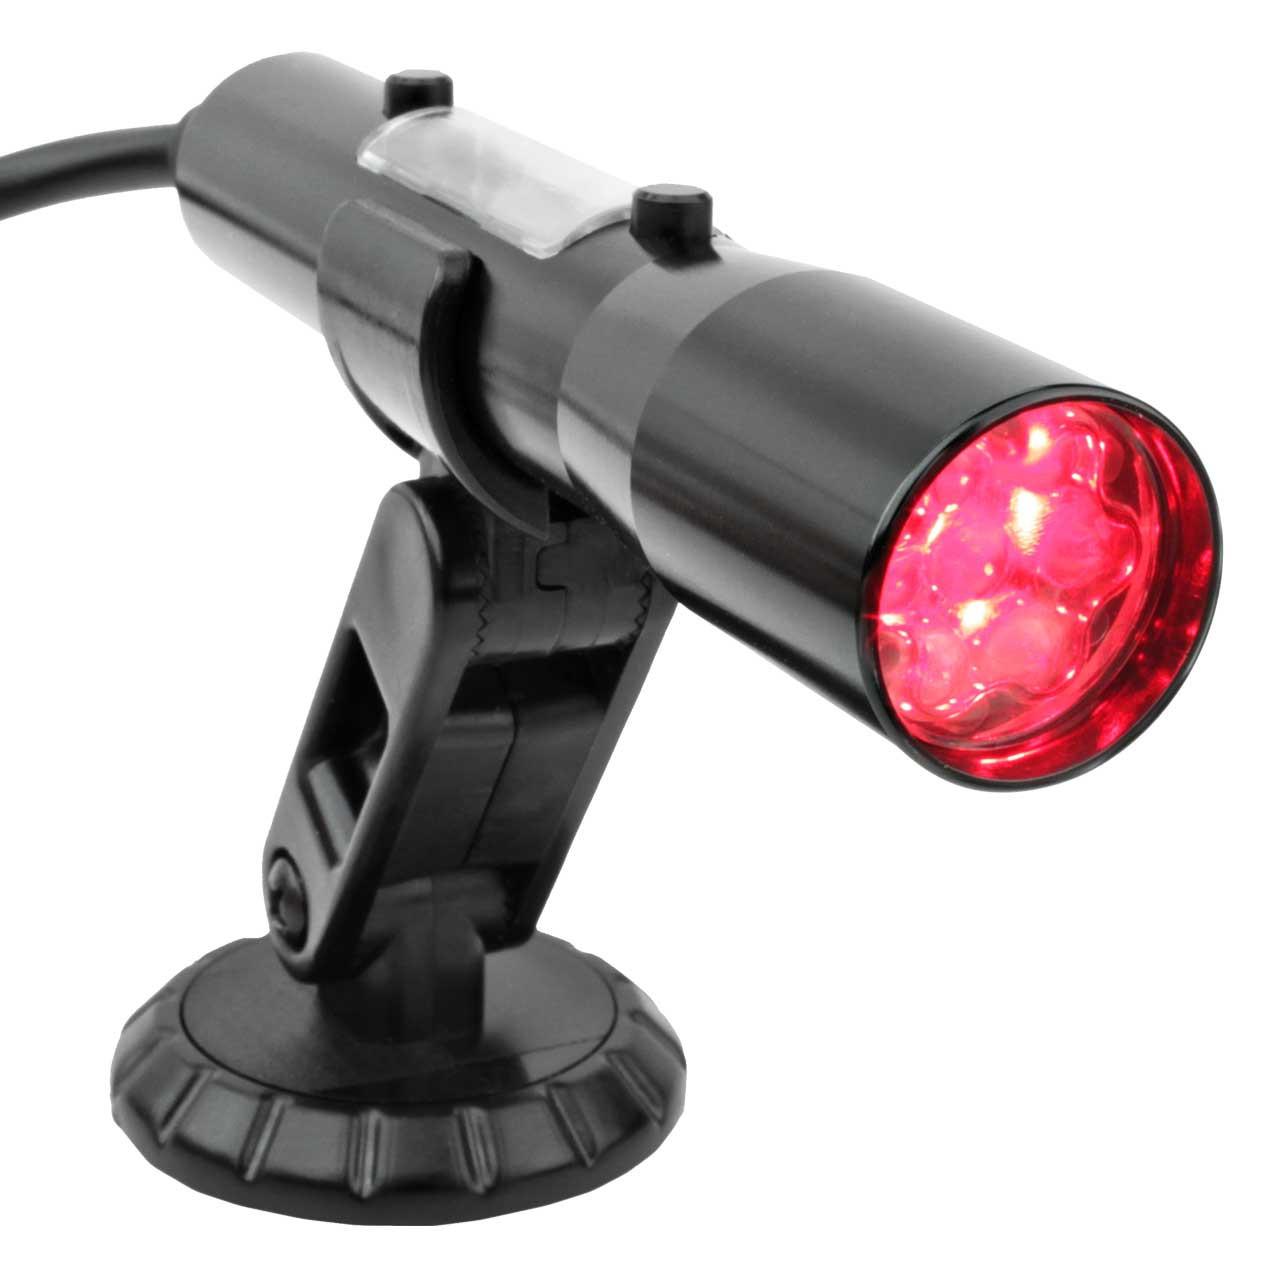 SST Shift Light - Red LEDs with Black Aluminum Tube (Smart-Shift Technology)